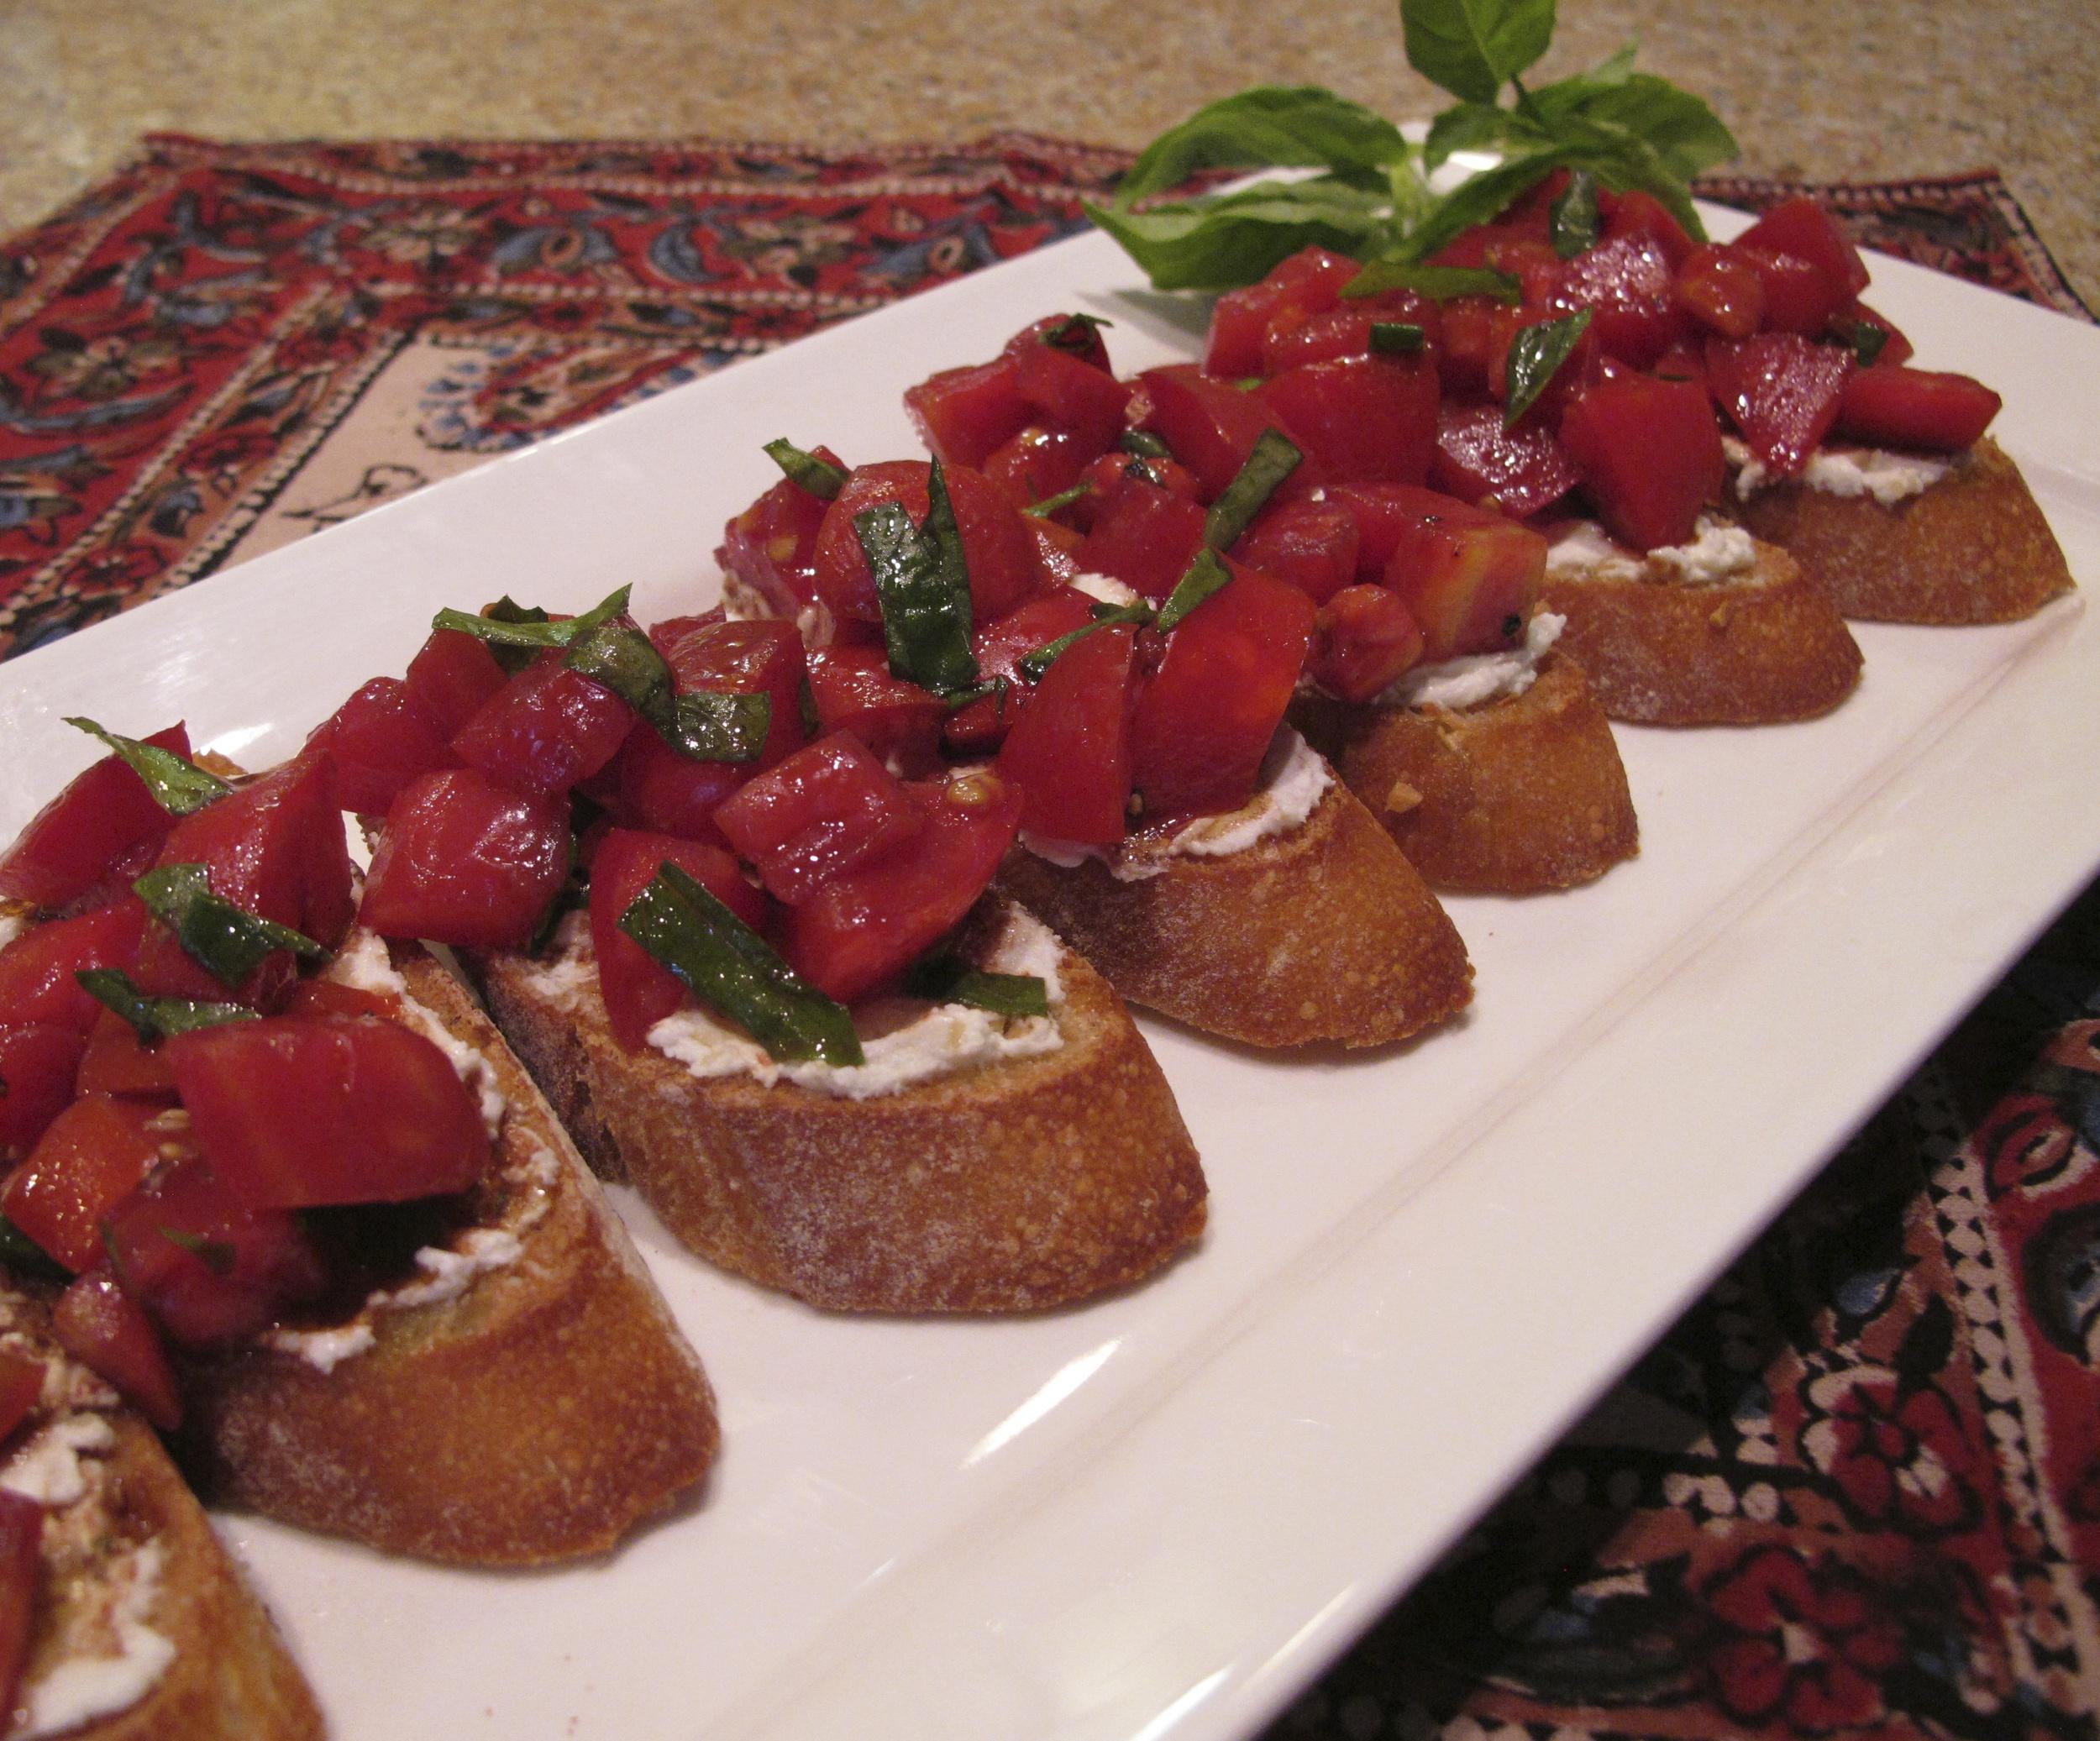 Tomato Bruschetta with Goat Cheese